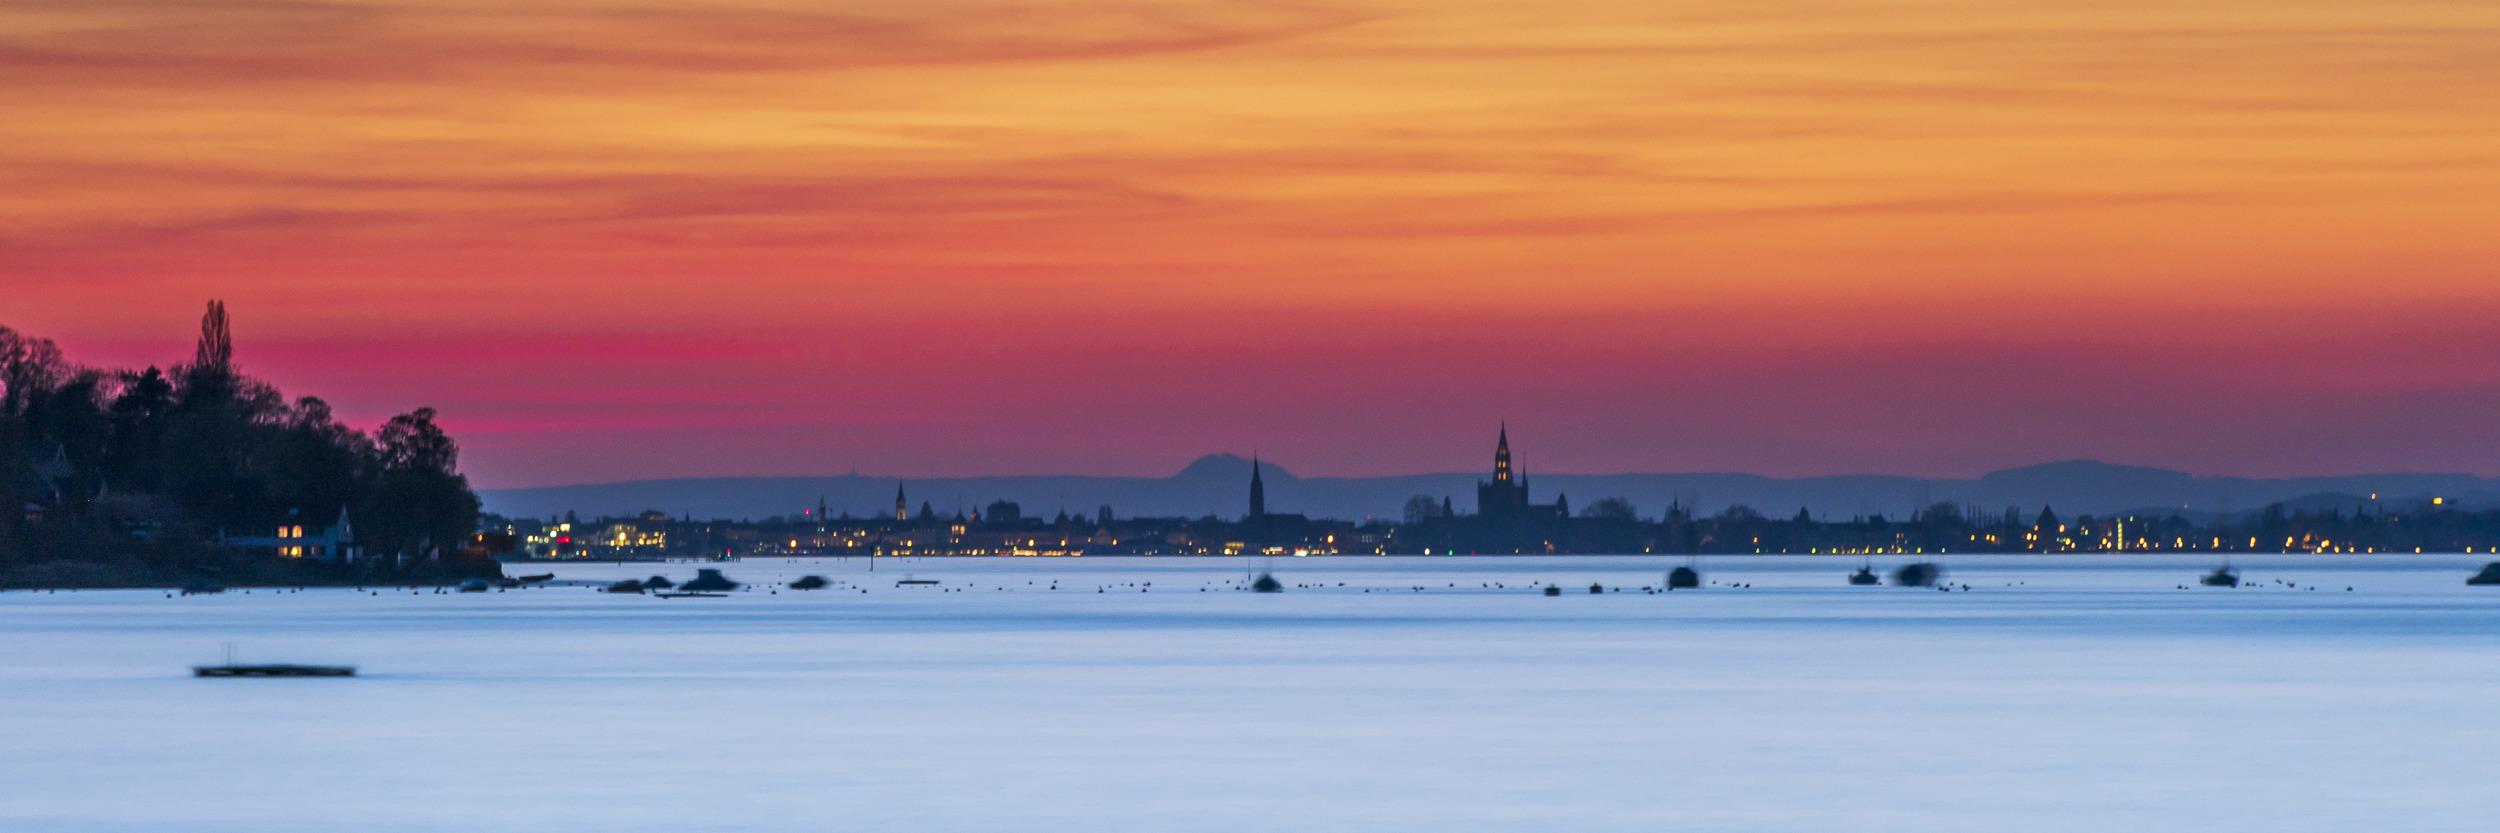 EVENING GLOW - Schöne Landschaft Bilder kaufen | Stimmungs Foto als Fineart by Stefan Somogyi Fotografie